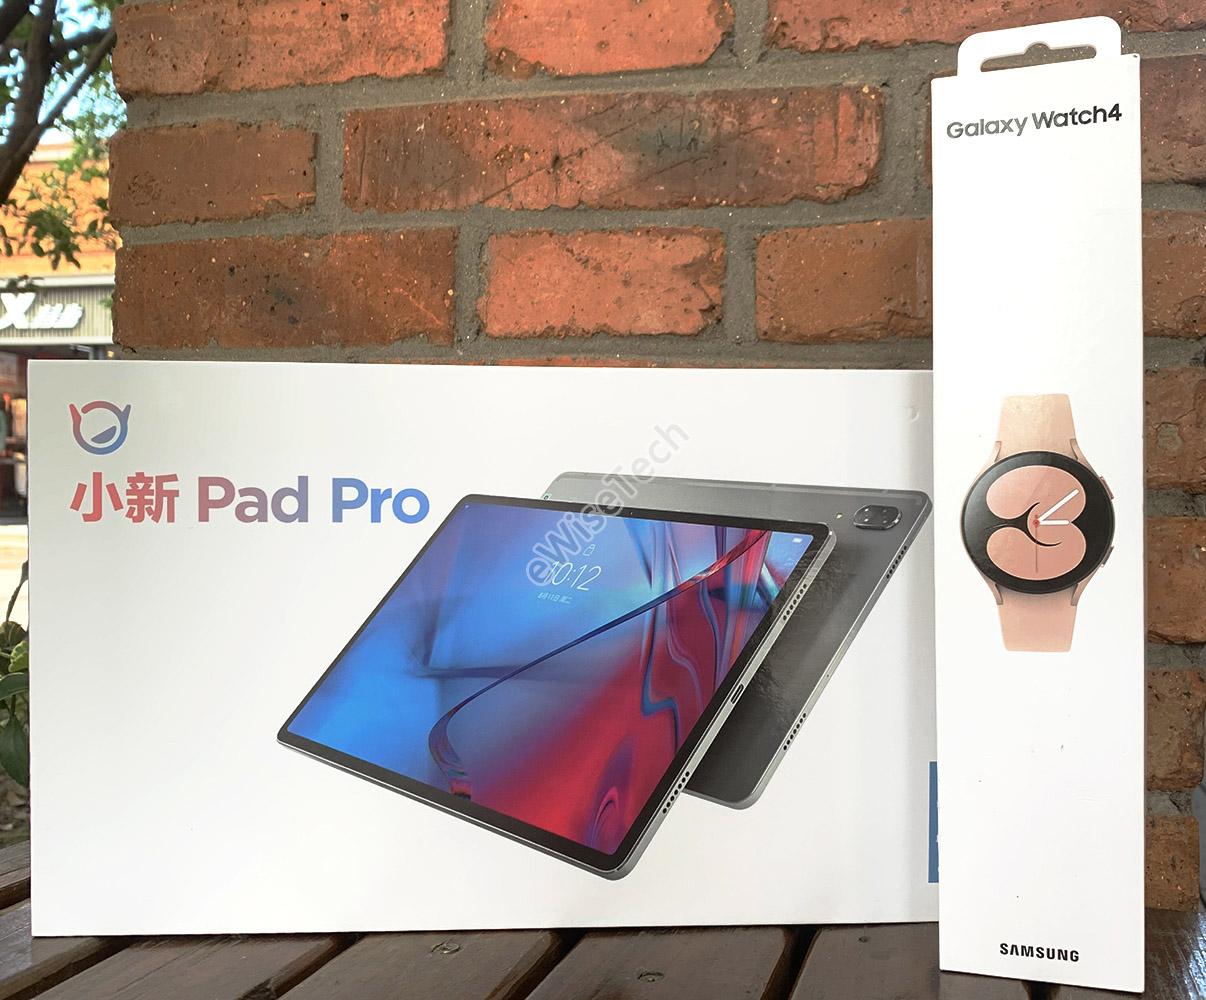 联想小新Pad Pro&三星Galaxy watch 4开箱体验